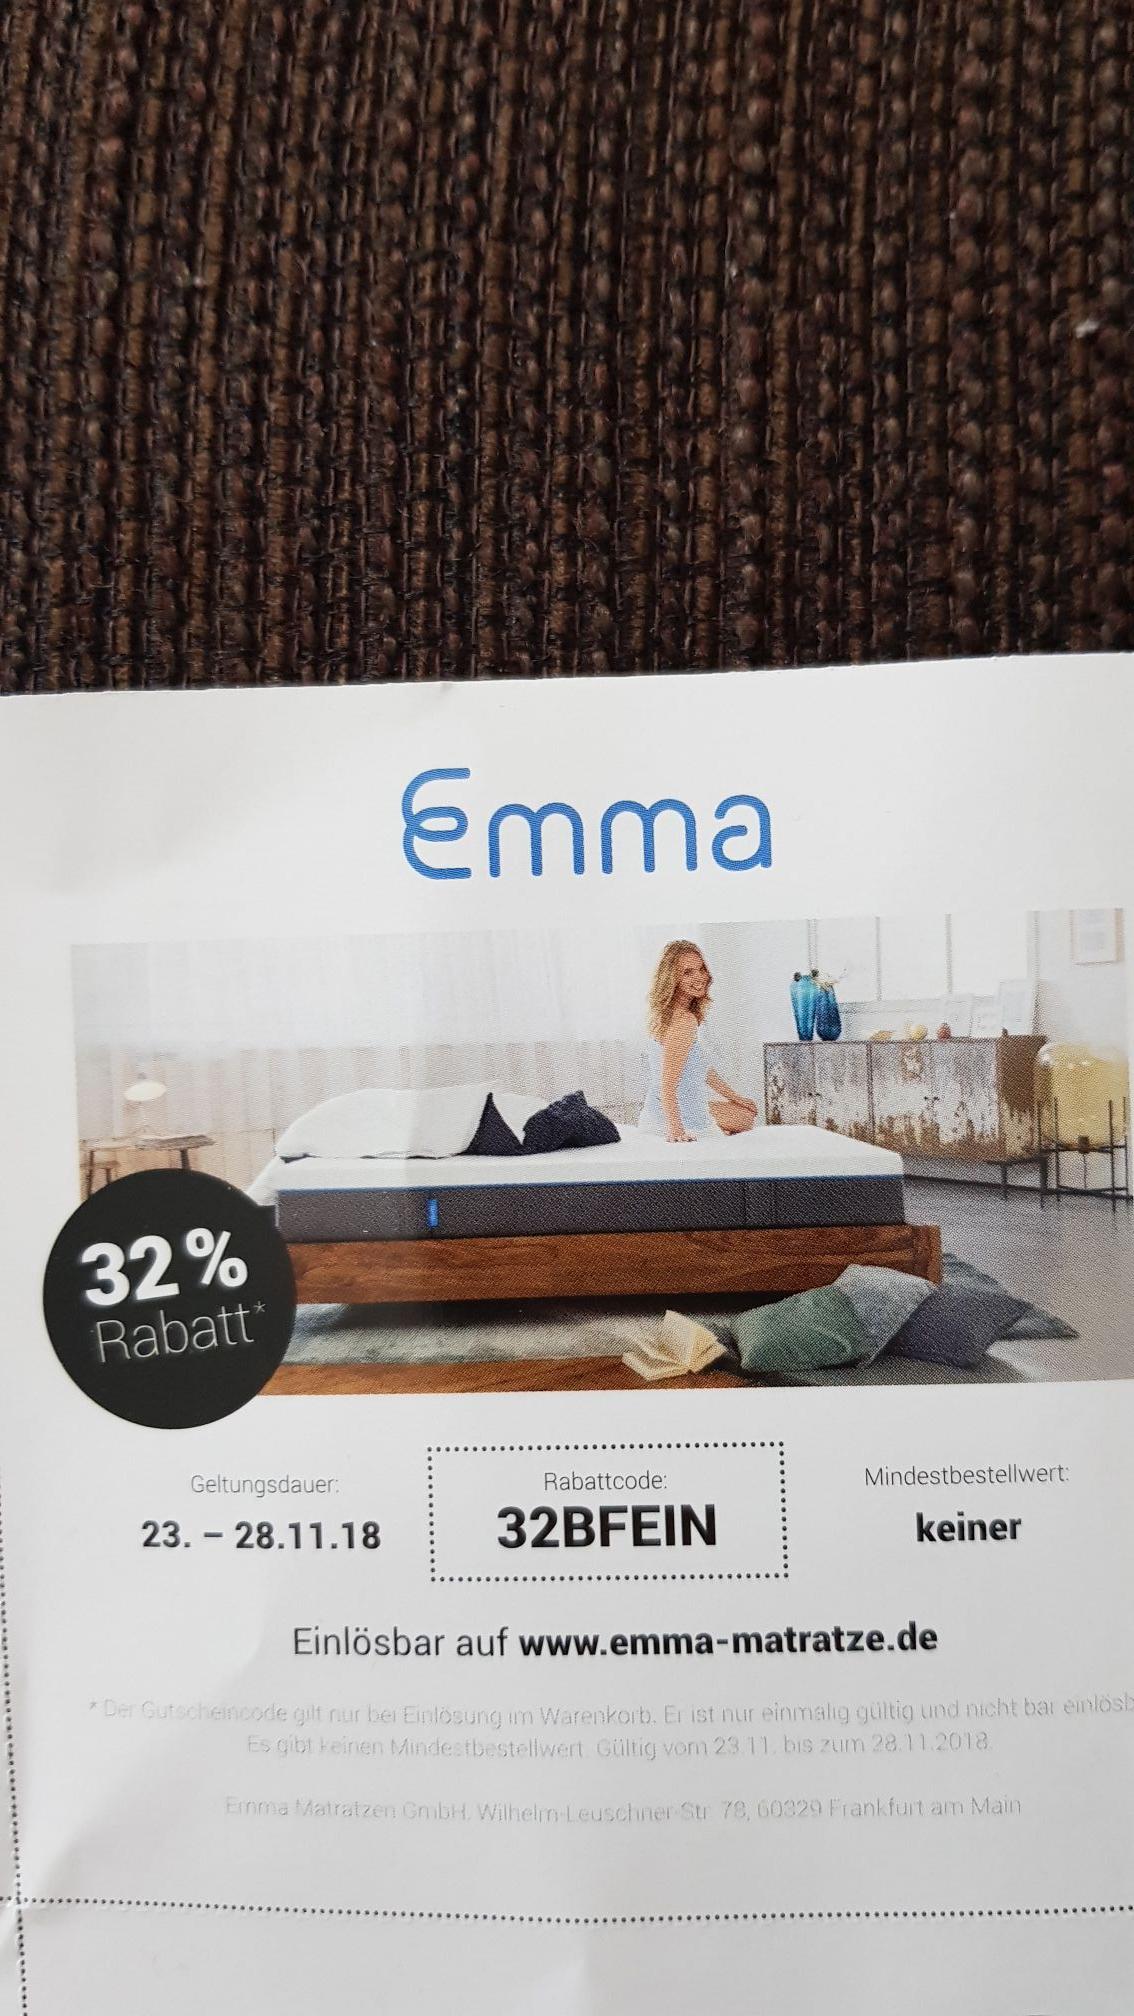 32% Rabatt bei Emma-Matratze.de Matratze